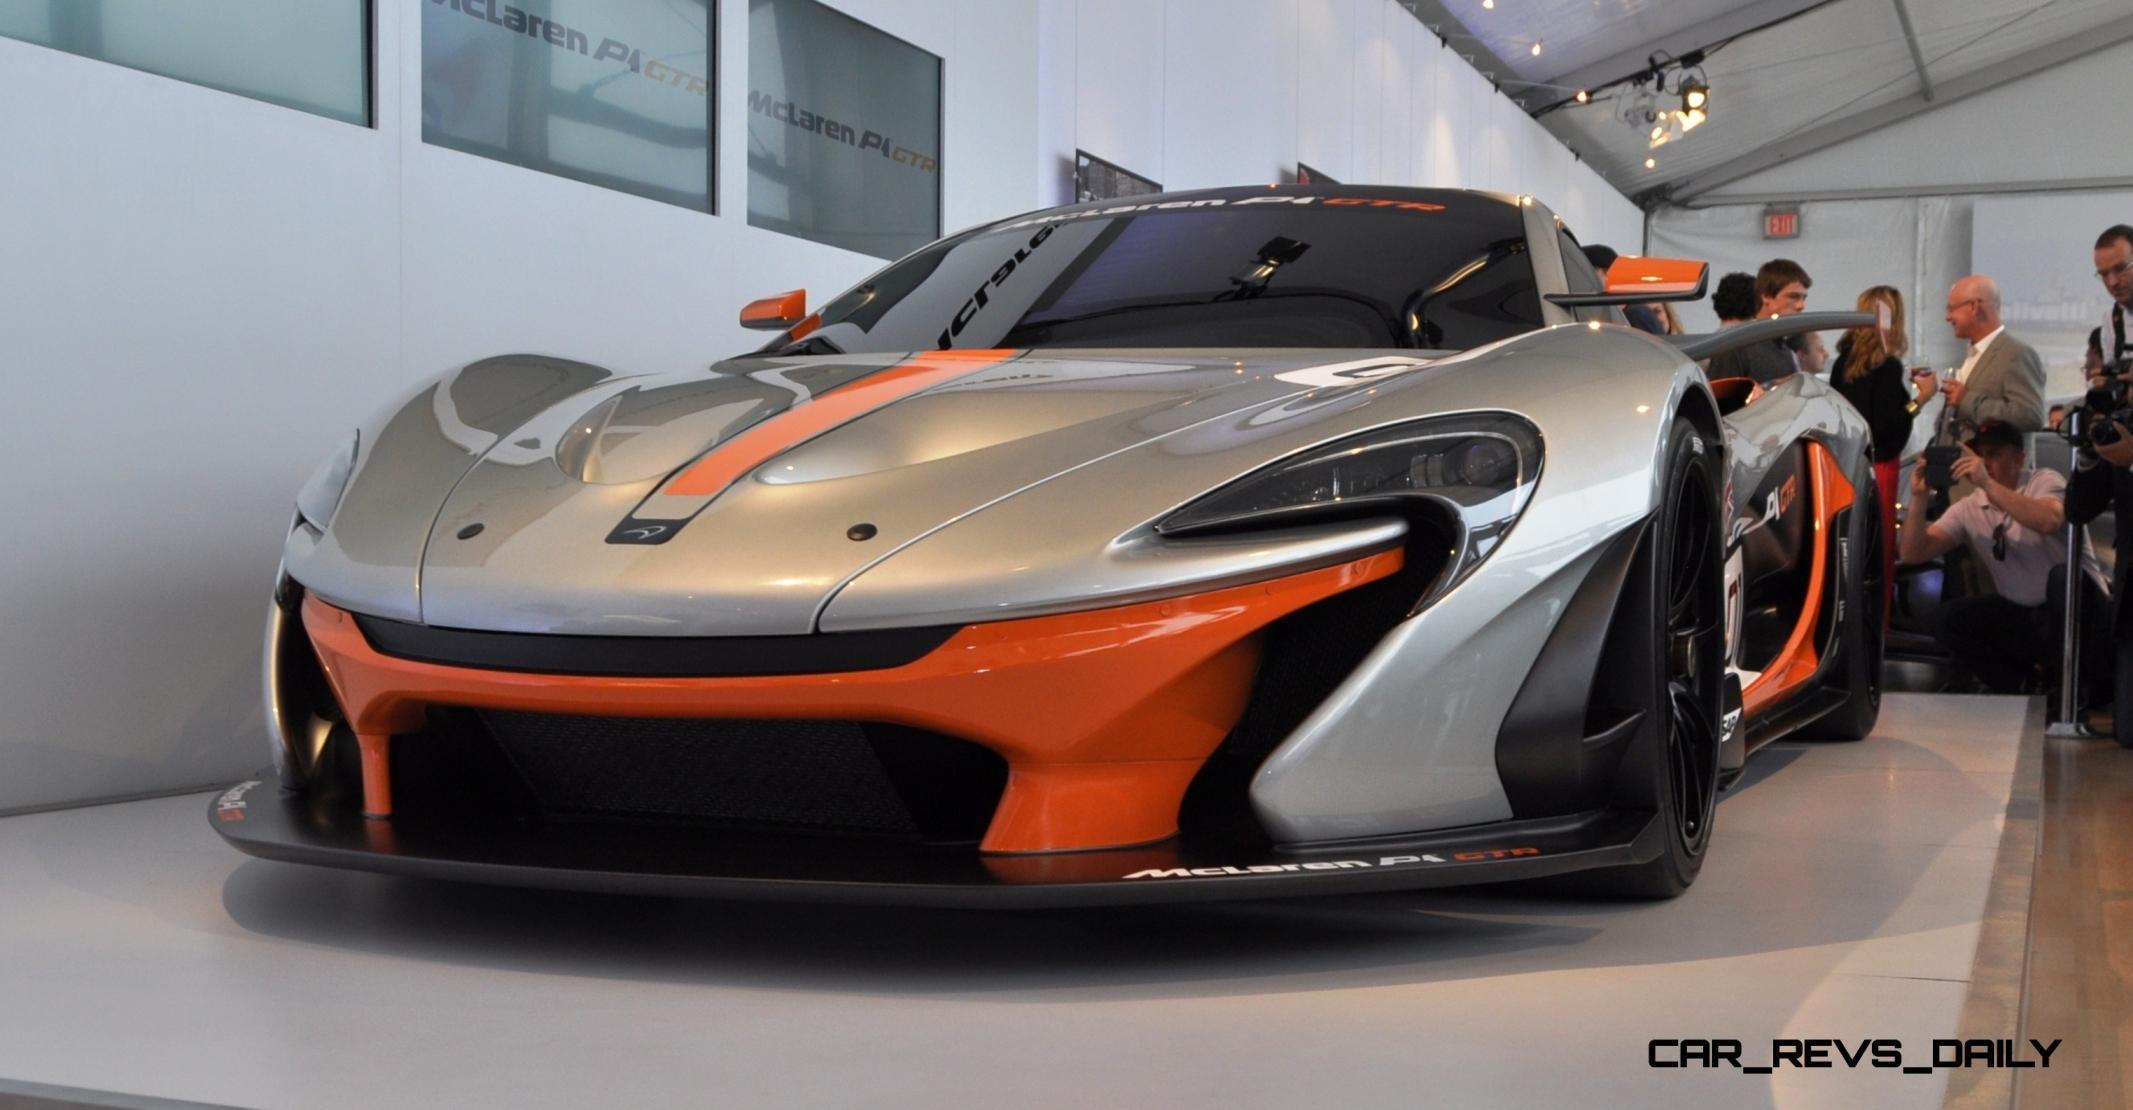 2015 McLaren P1 GTR - Pebble Beach World Debut in 55 High-Res Photos 21